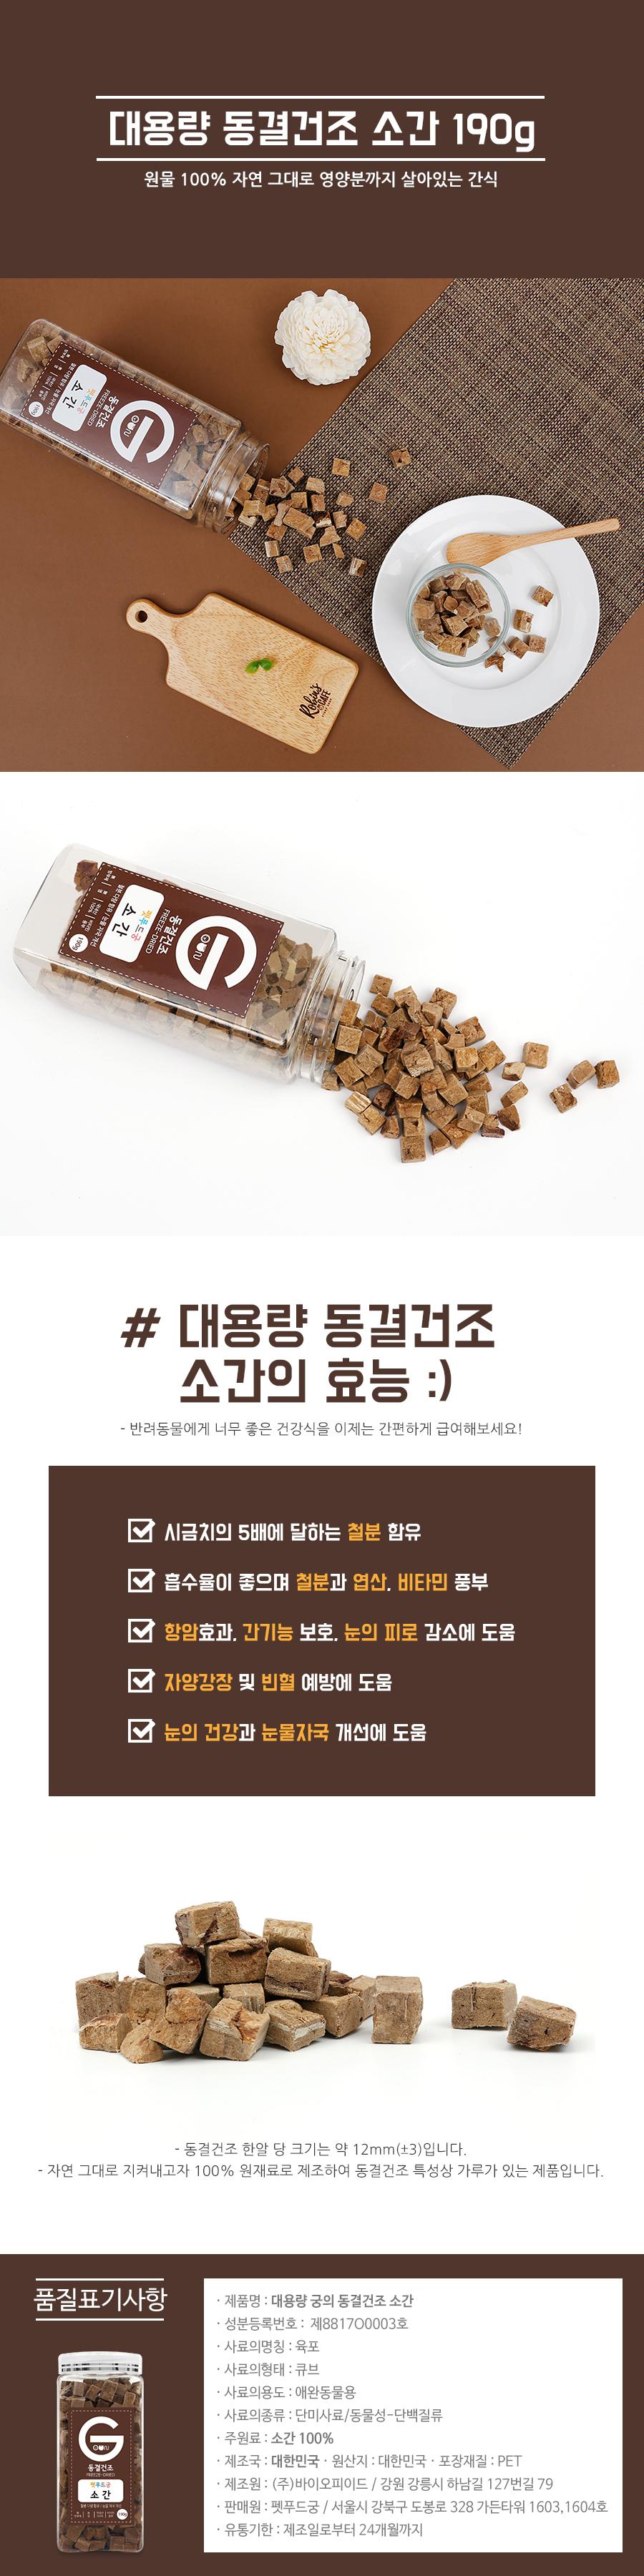 대용량 동결건조 소간 190g - 펫푸드궁, 18,000원, 간식/영양제, 수제간식